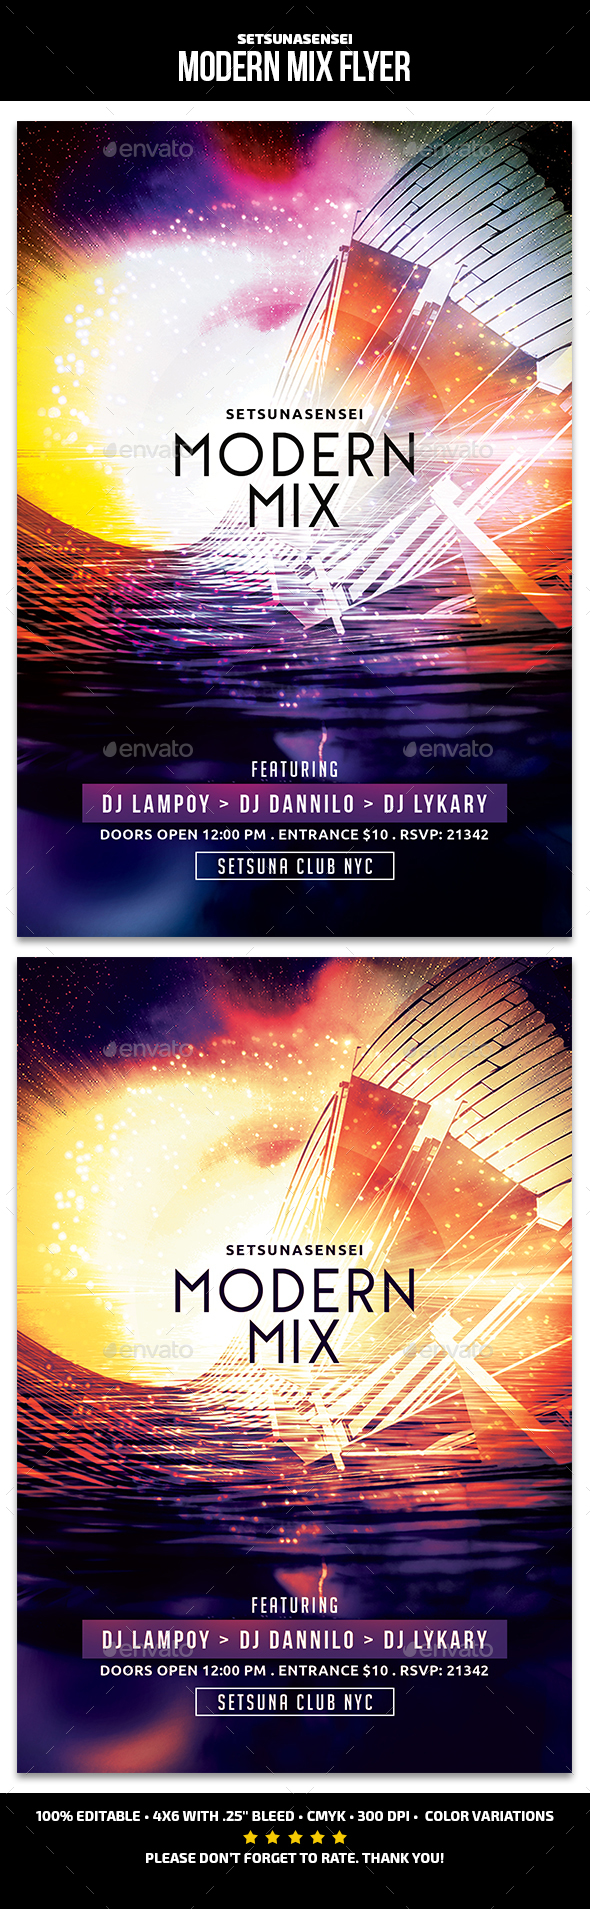 Modern Mix Flyer - Events Flyers